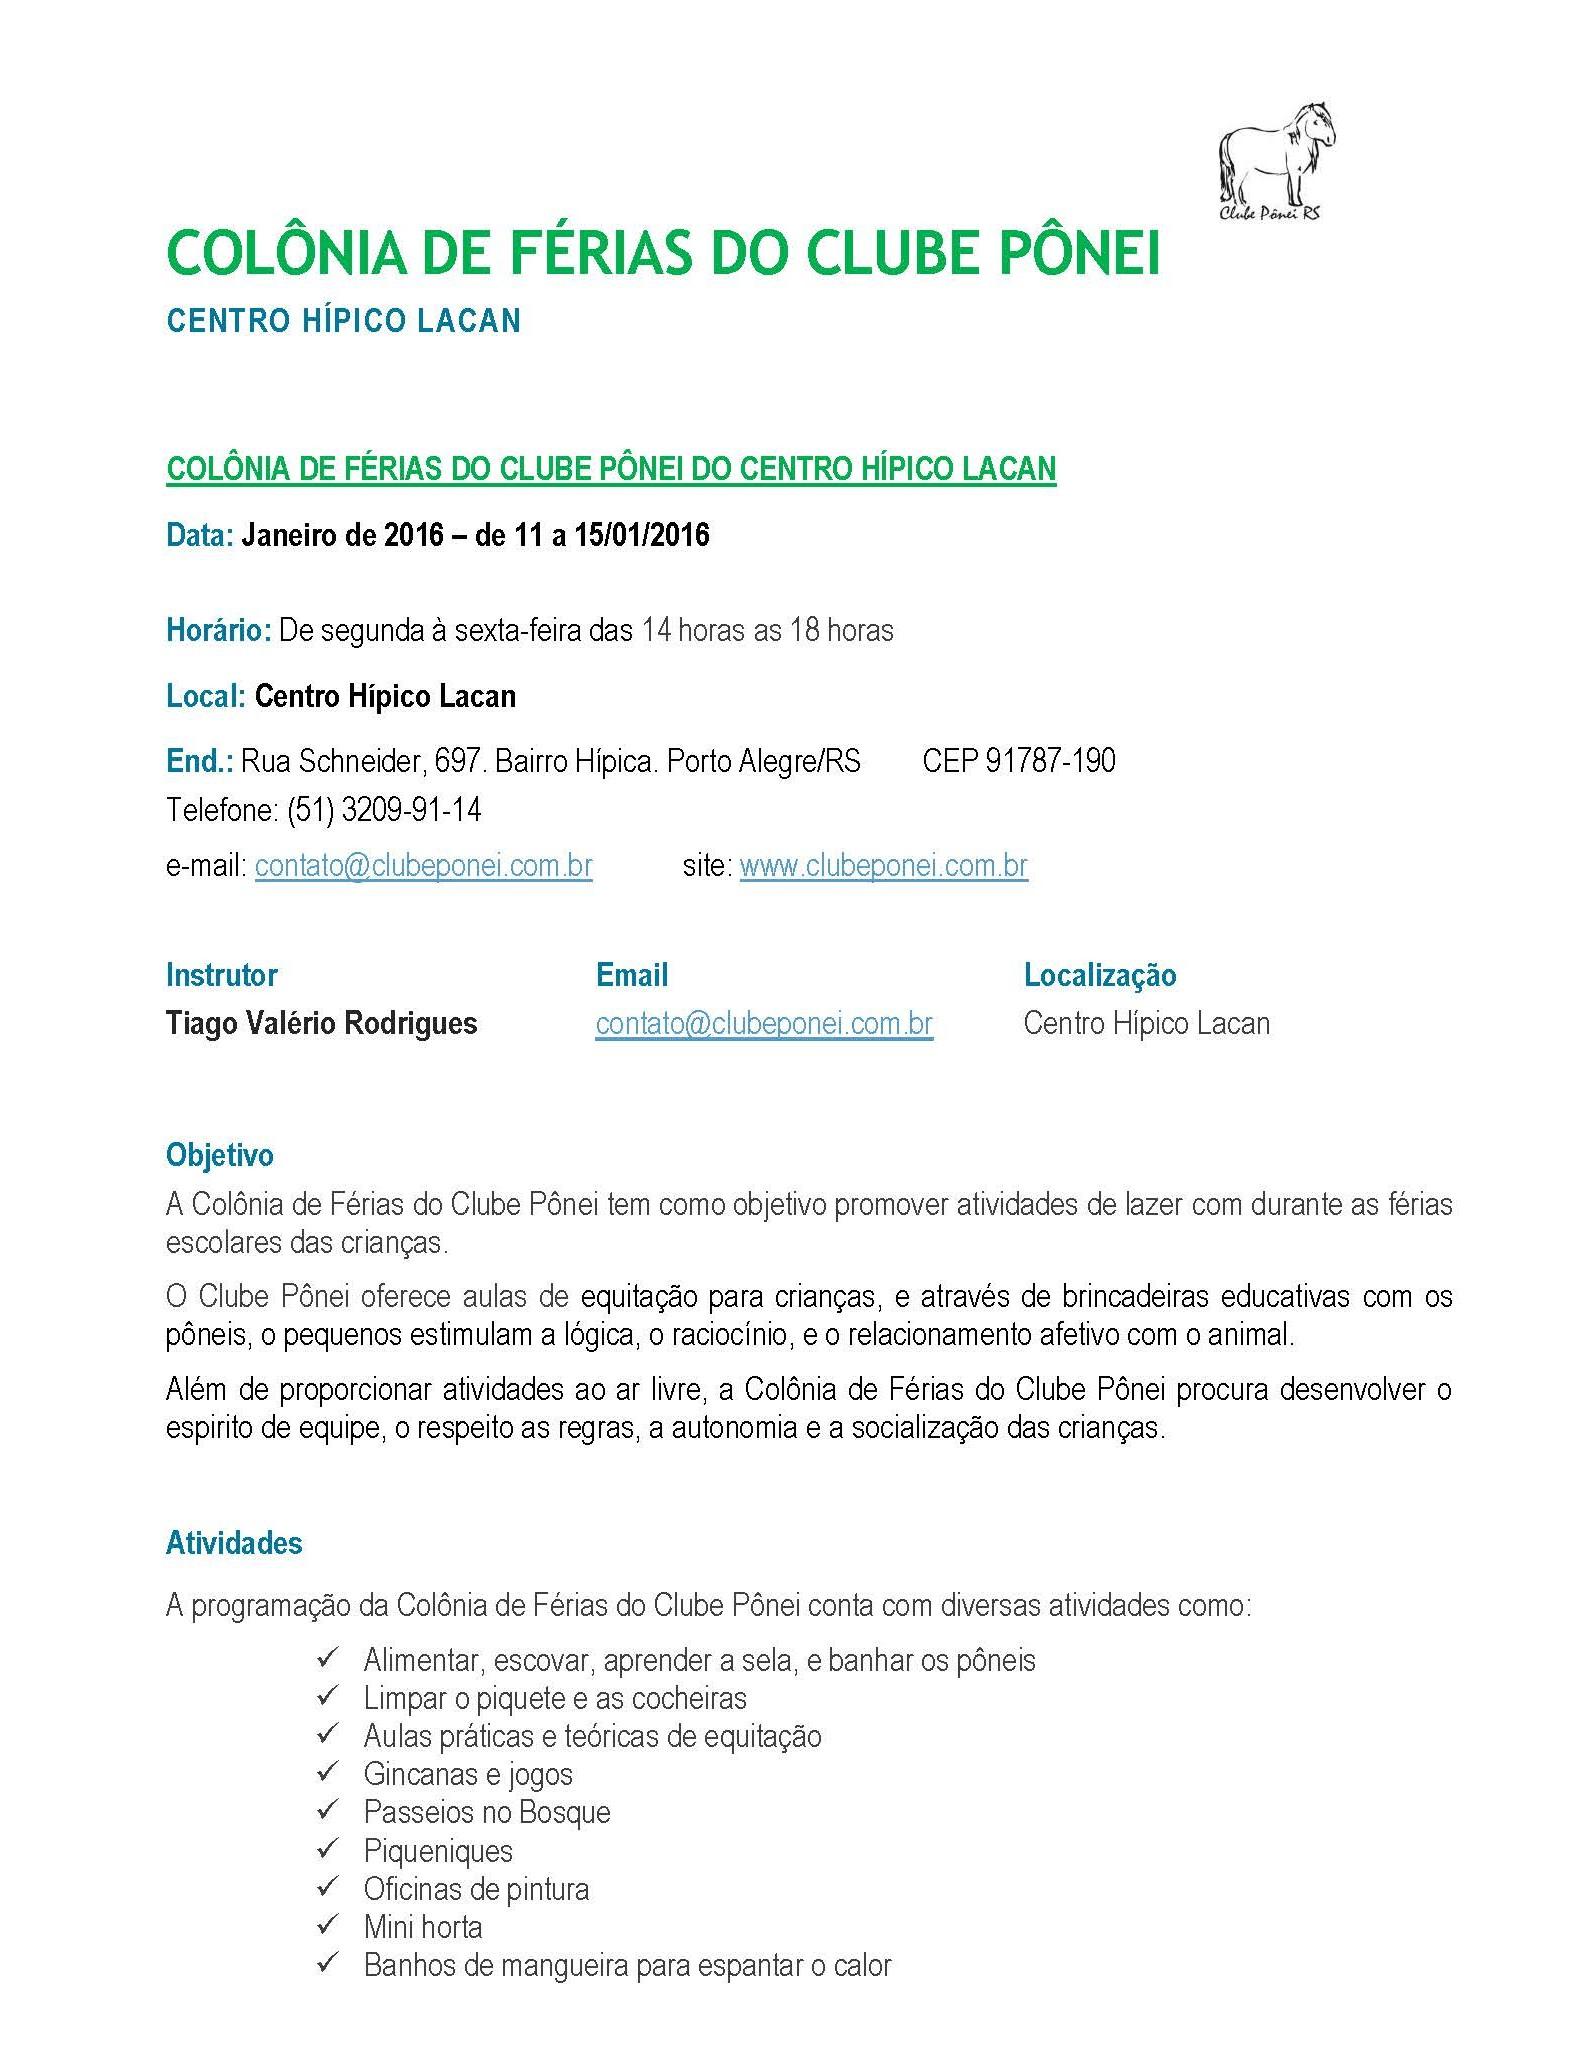 colonia-clube-ponei-2016_1